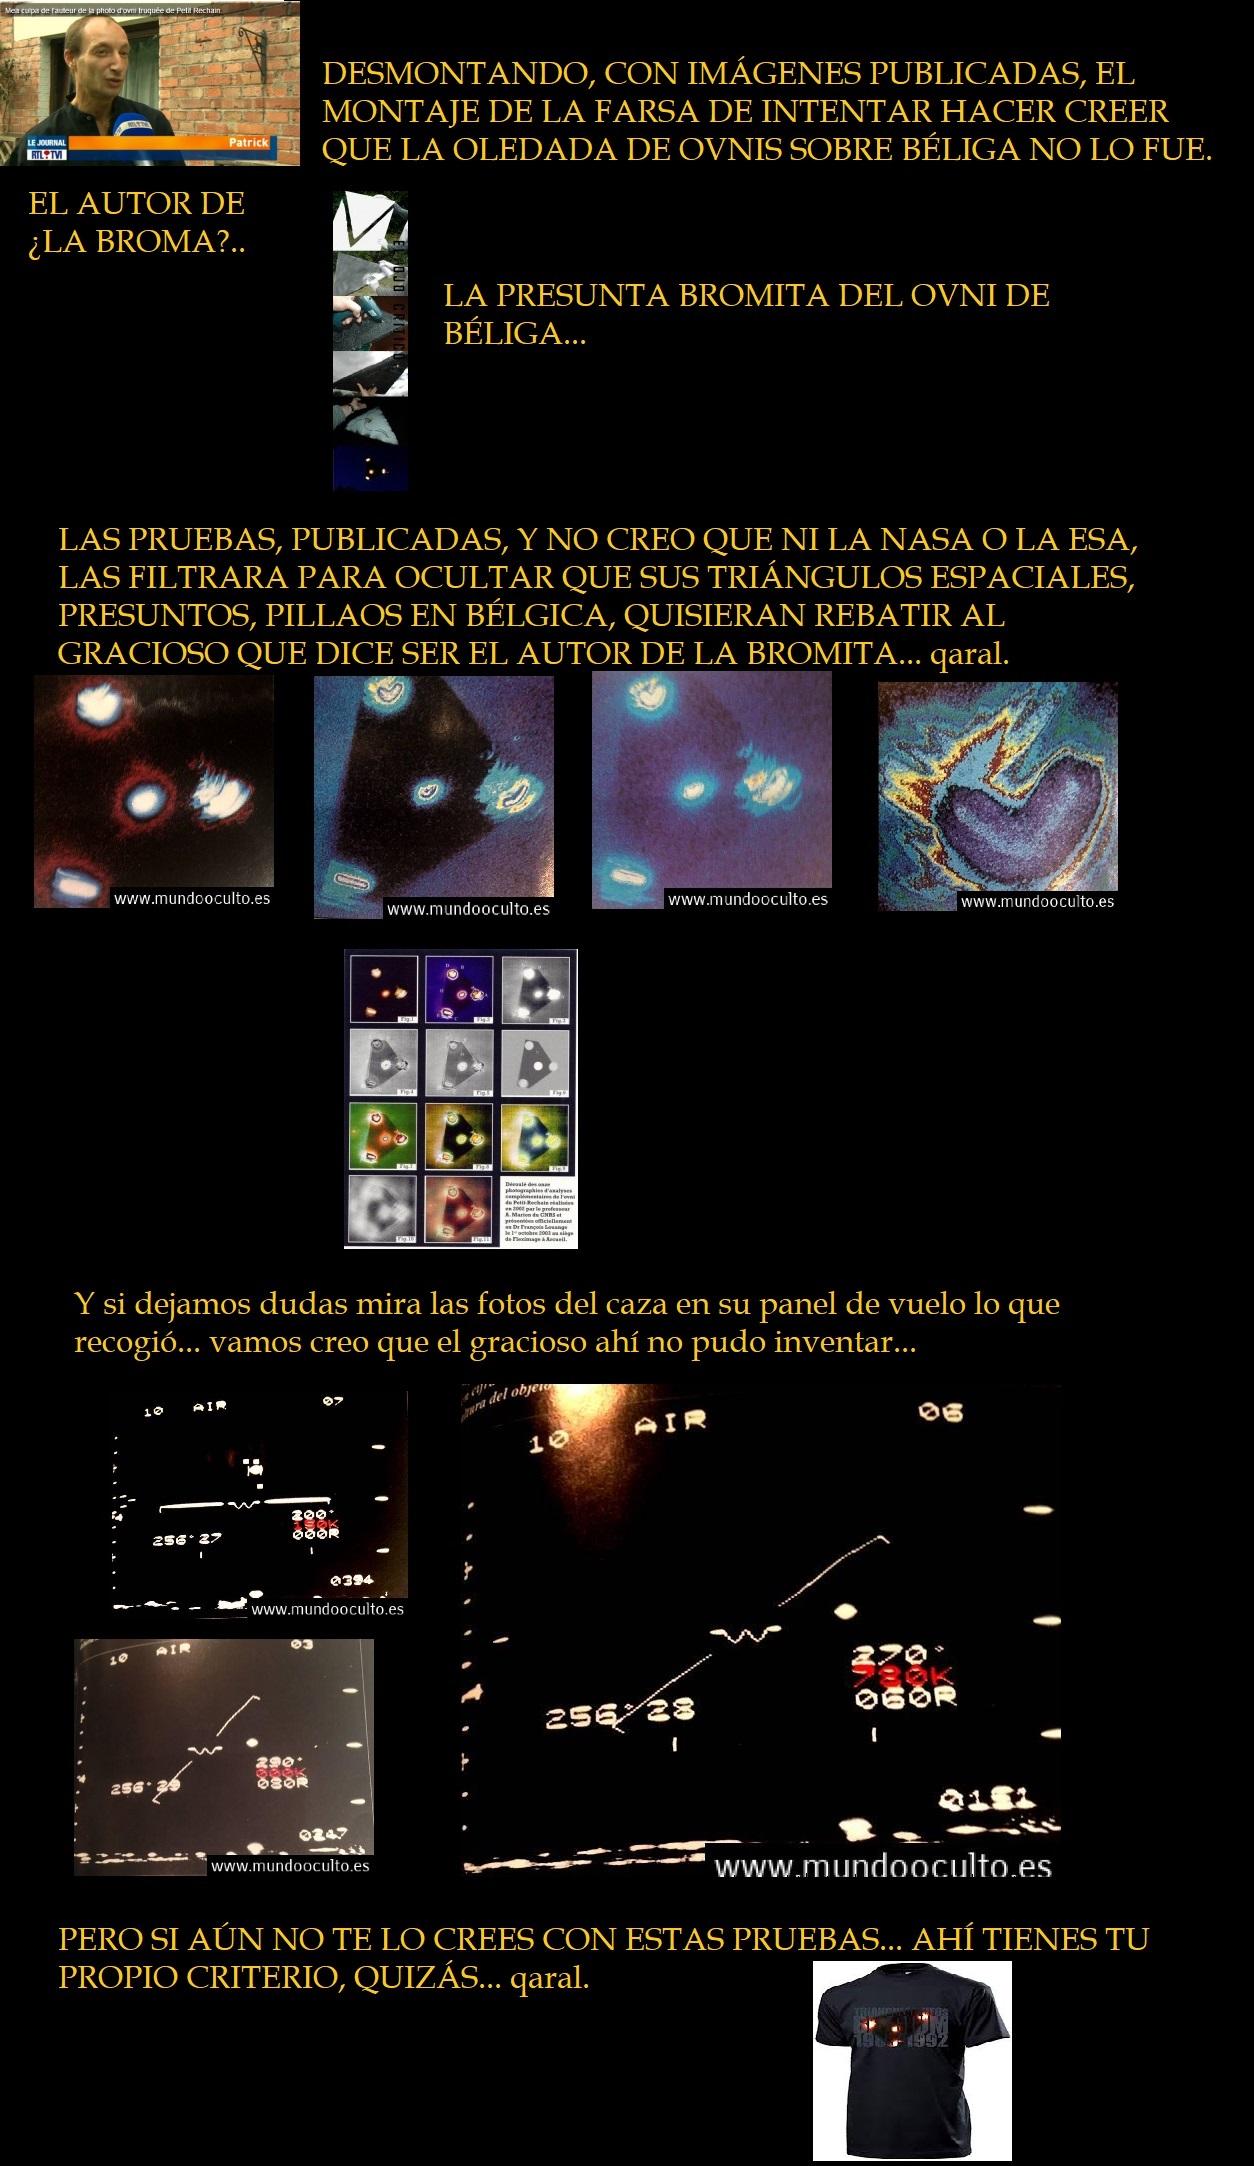 EL CASO MÍTICO DE LA OLEADA OVNI SOBRE BÉLGICA Y EL GRACIOSO... Autor-10